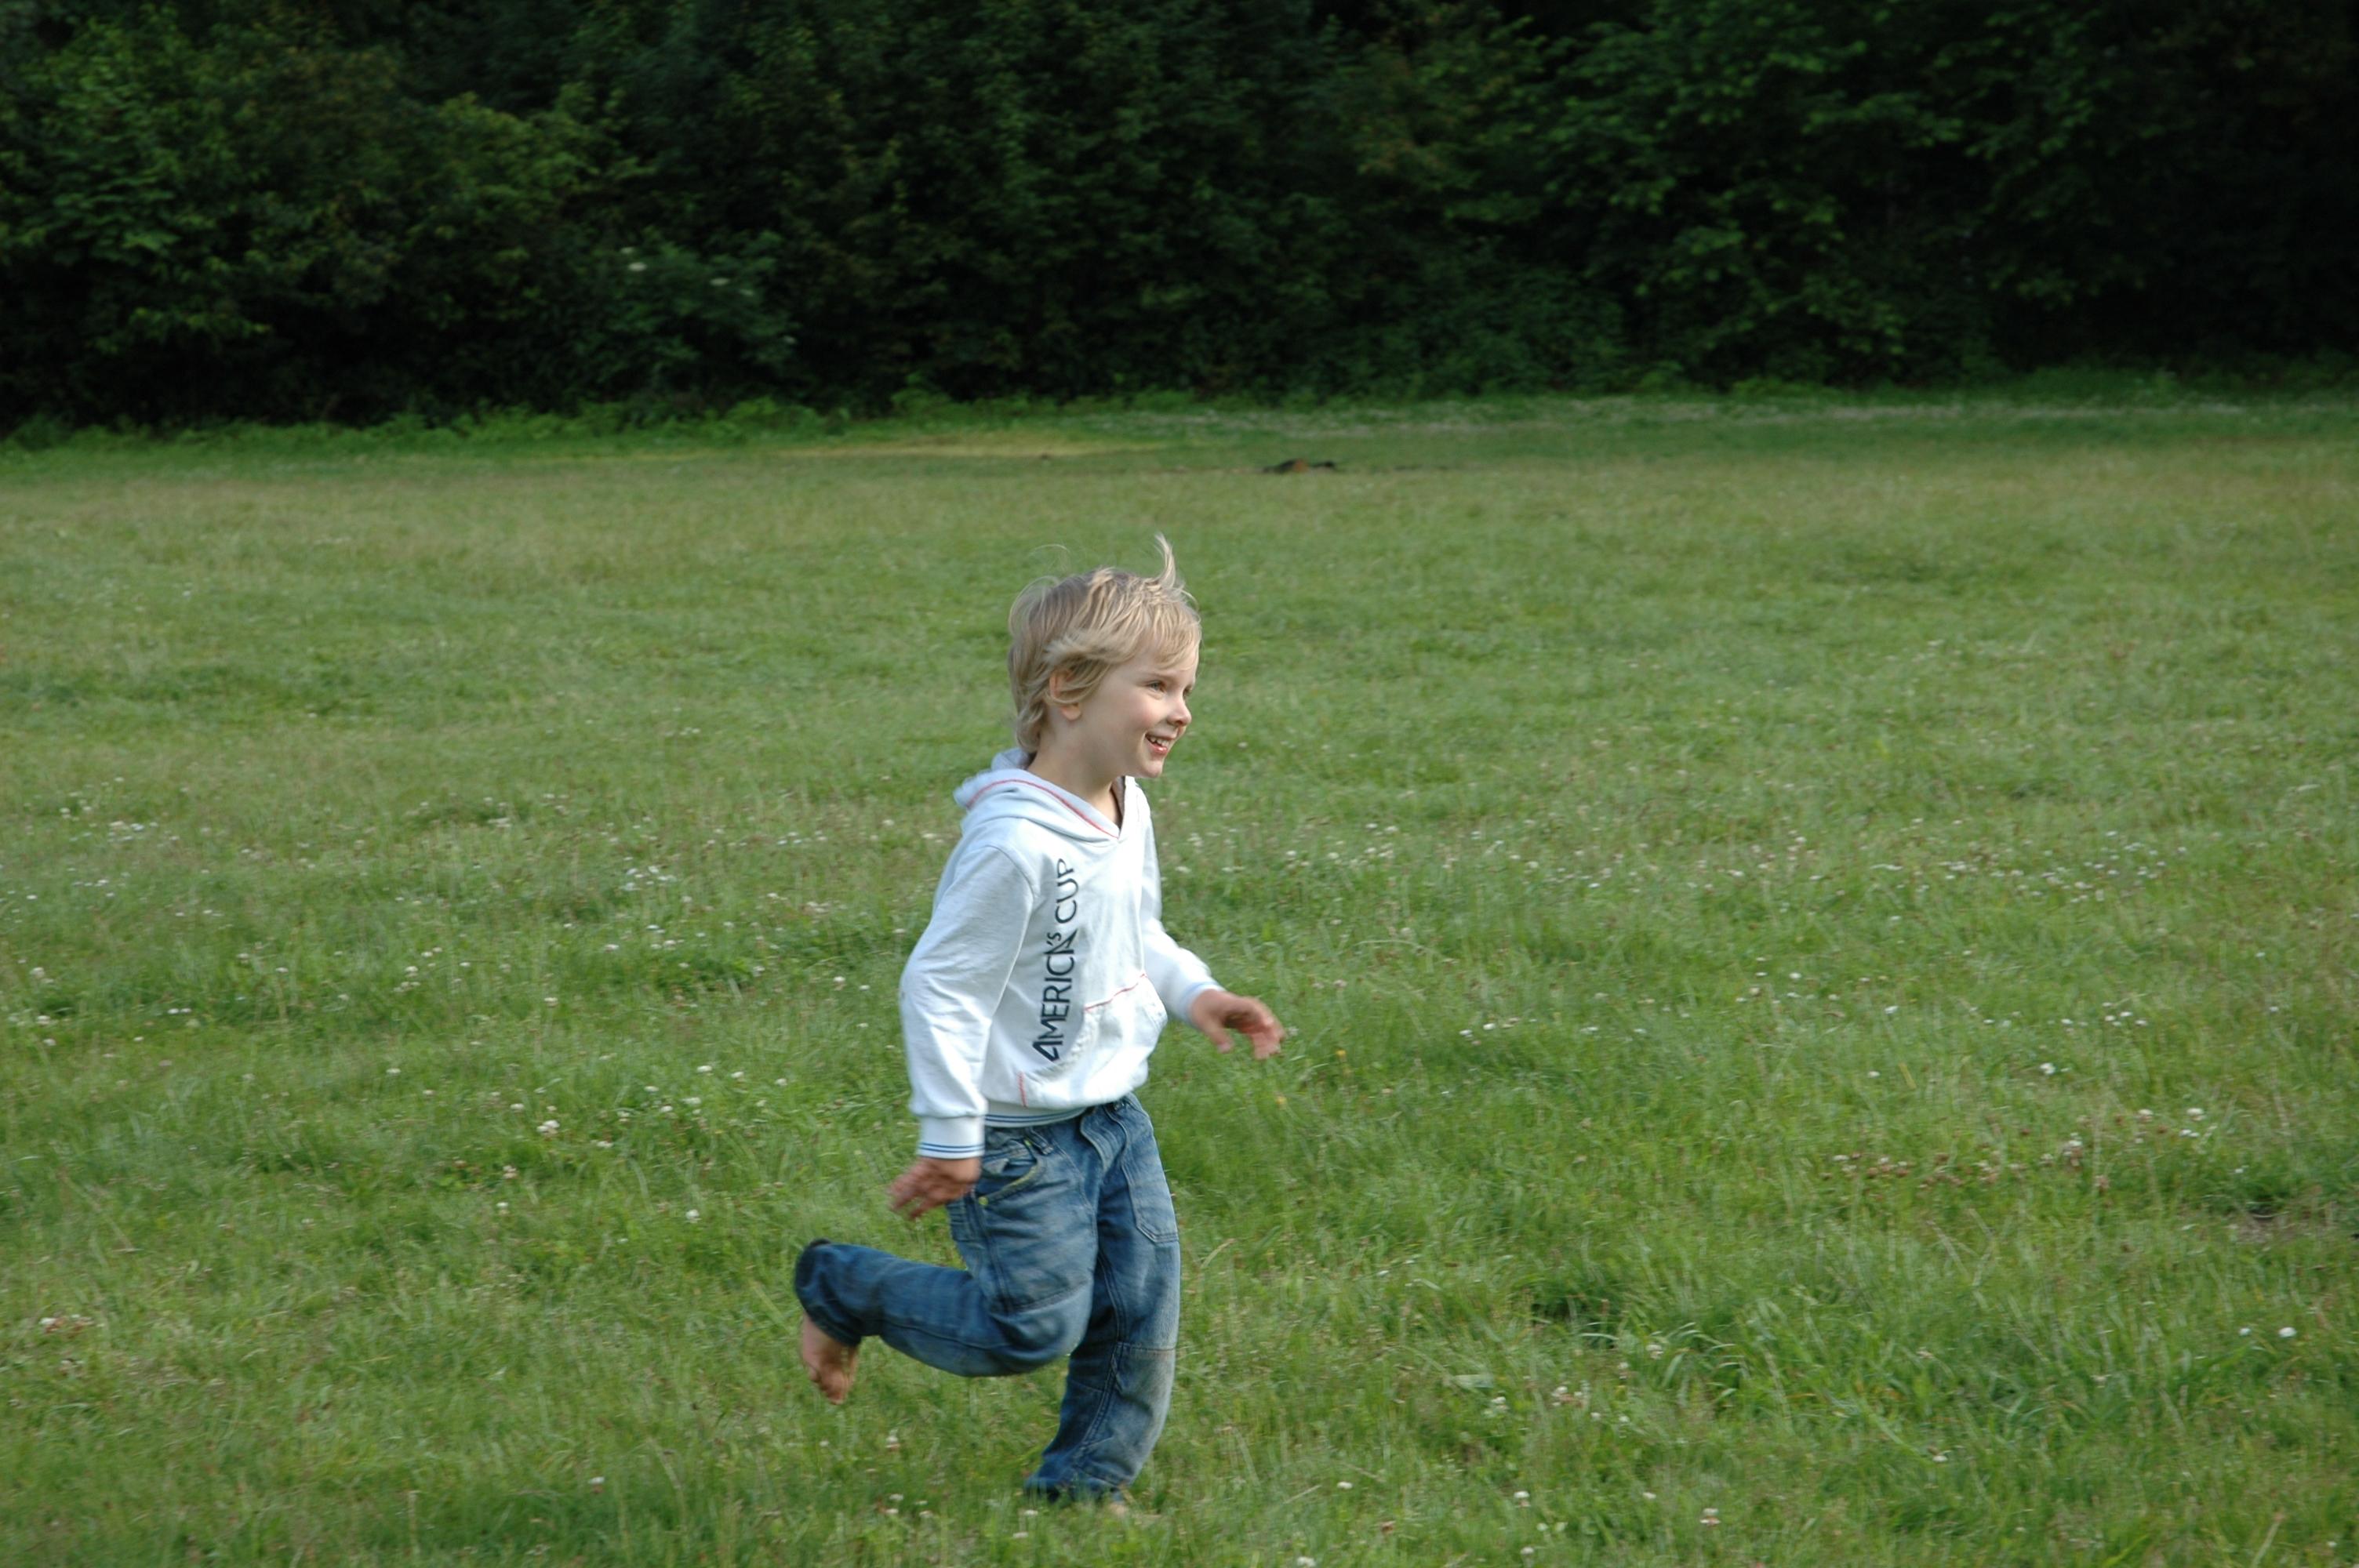 waldkindergarten_berne_graslauf